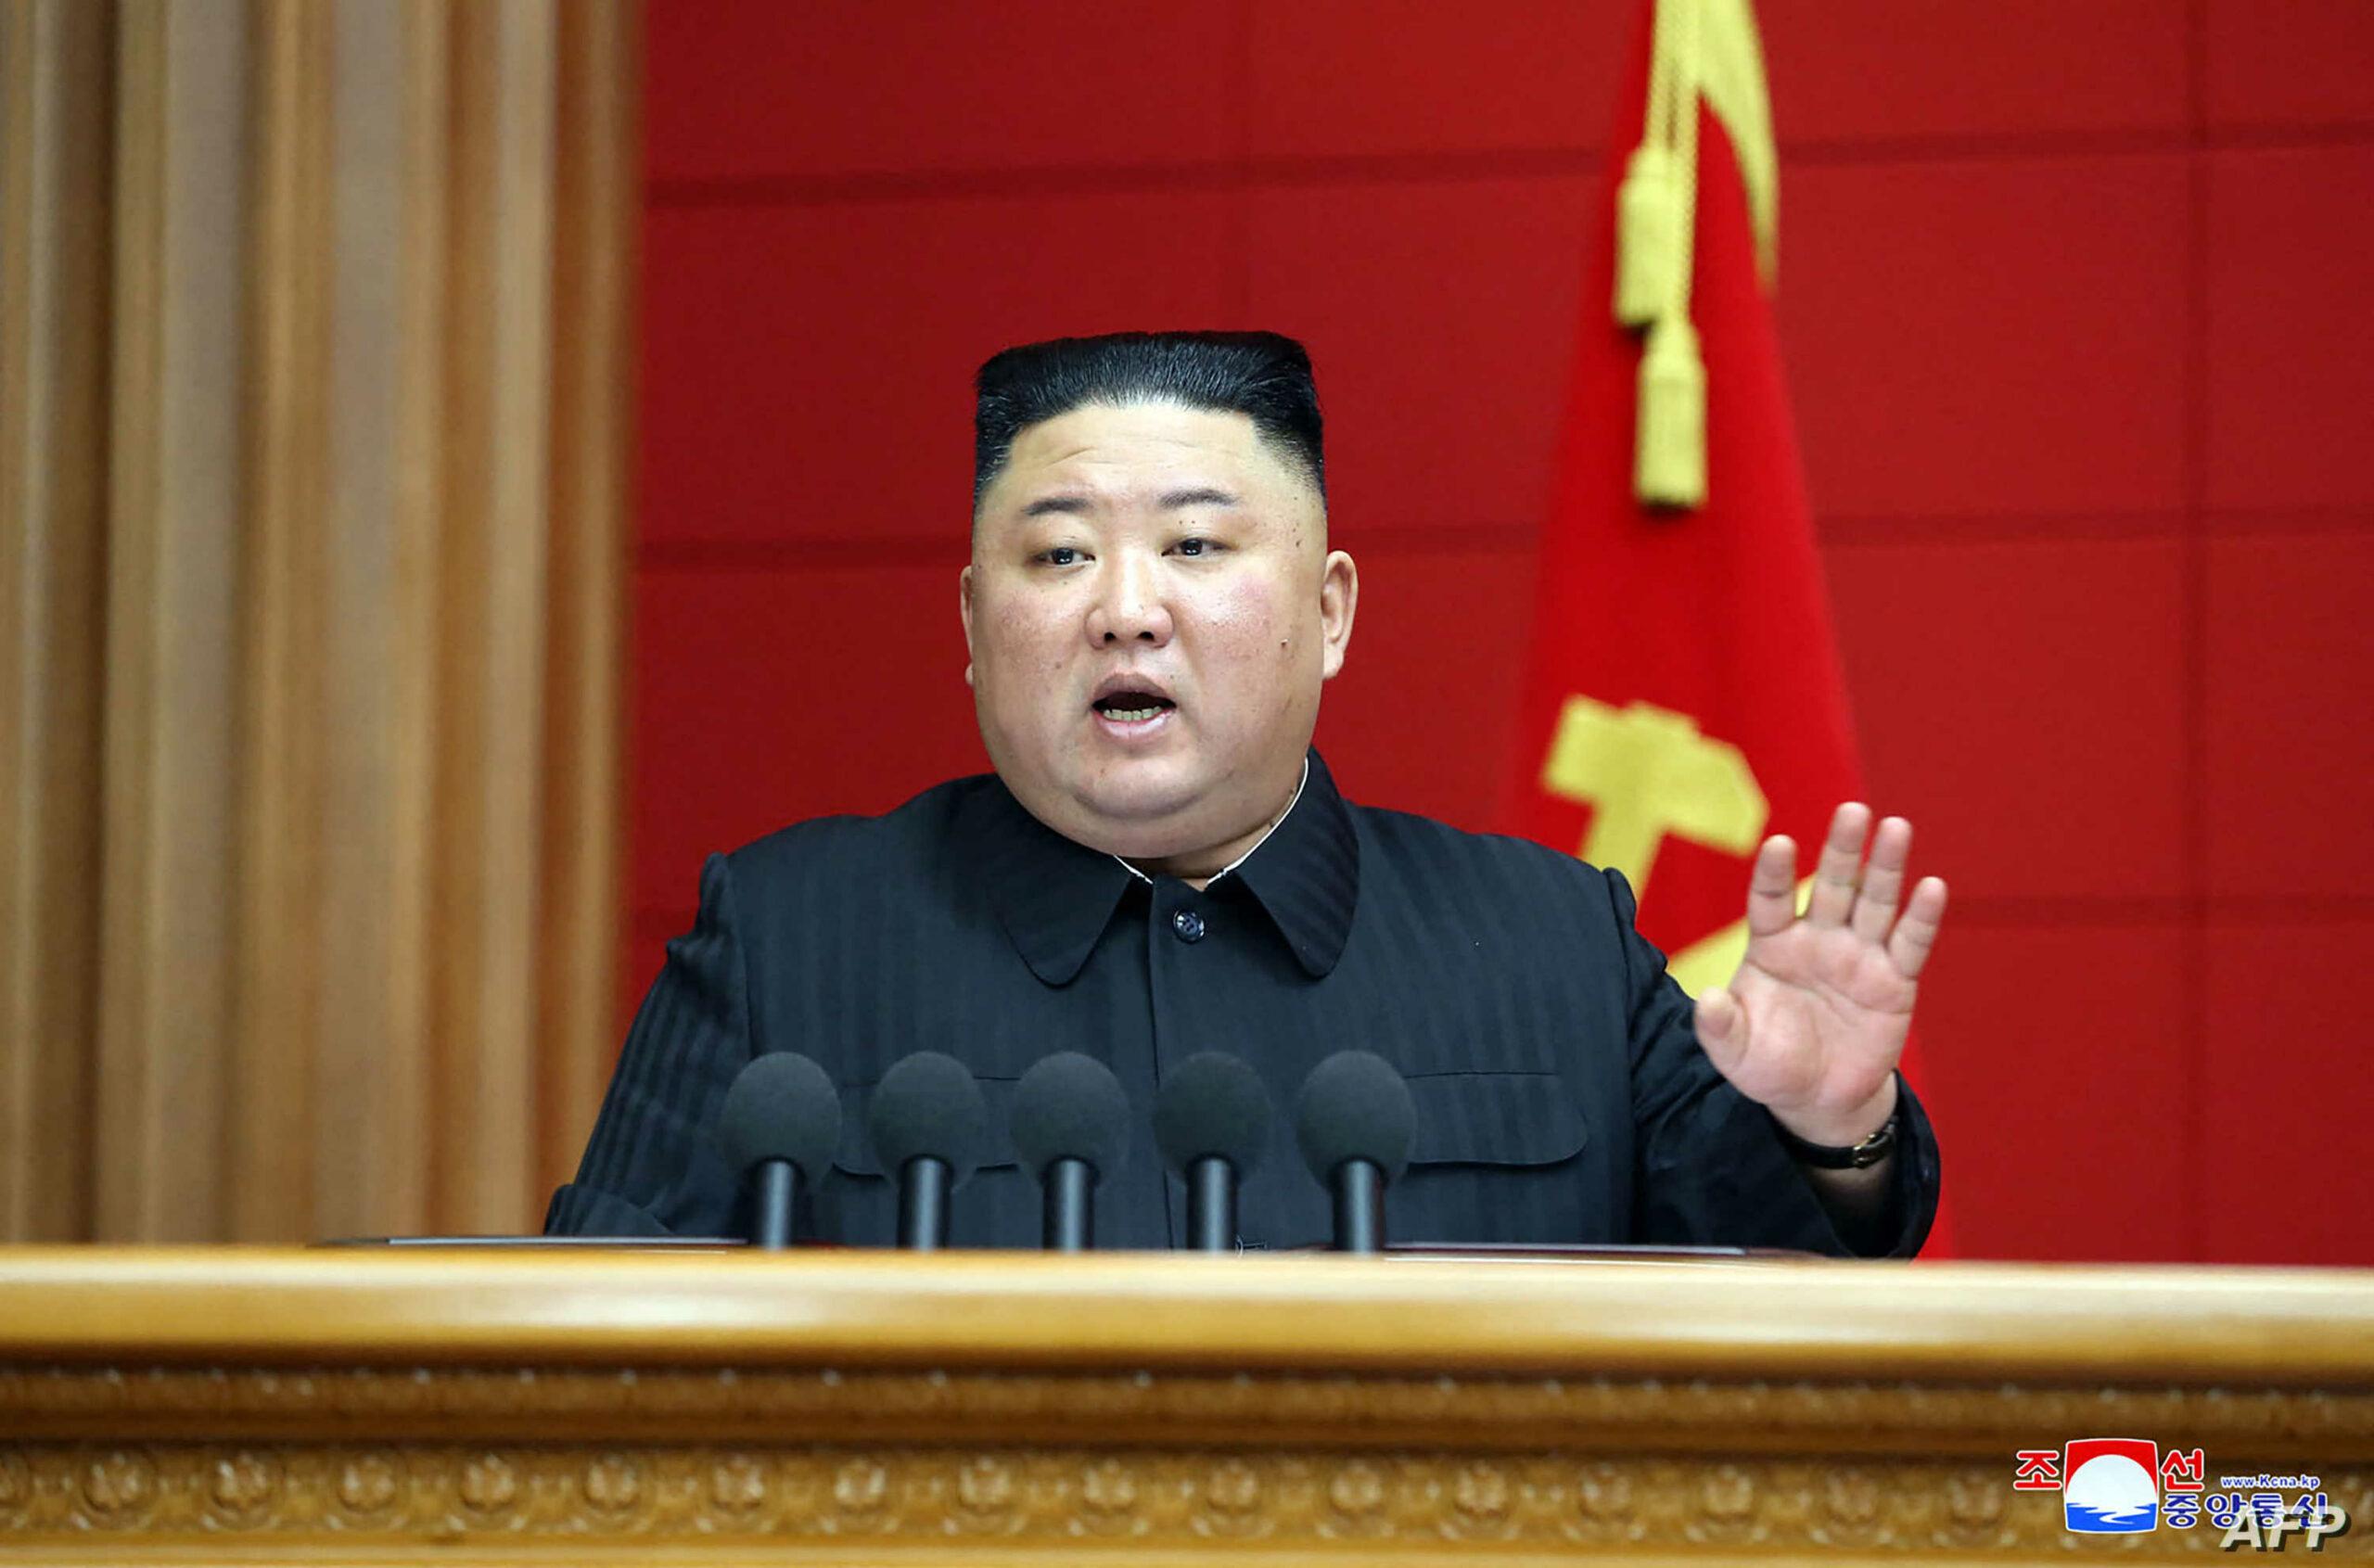 كوريا الشمالية تدعو المجتمع الدولي إلى عدم التسامح مع الإرهاب الصهيوني - الجزائر